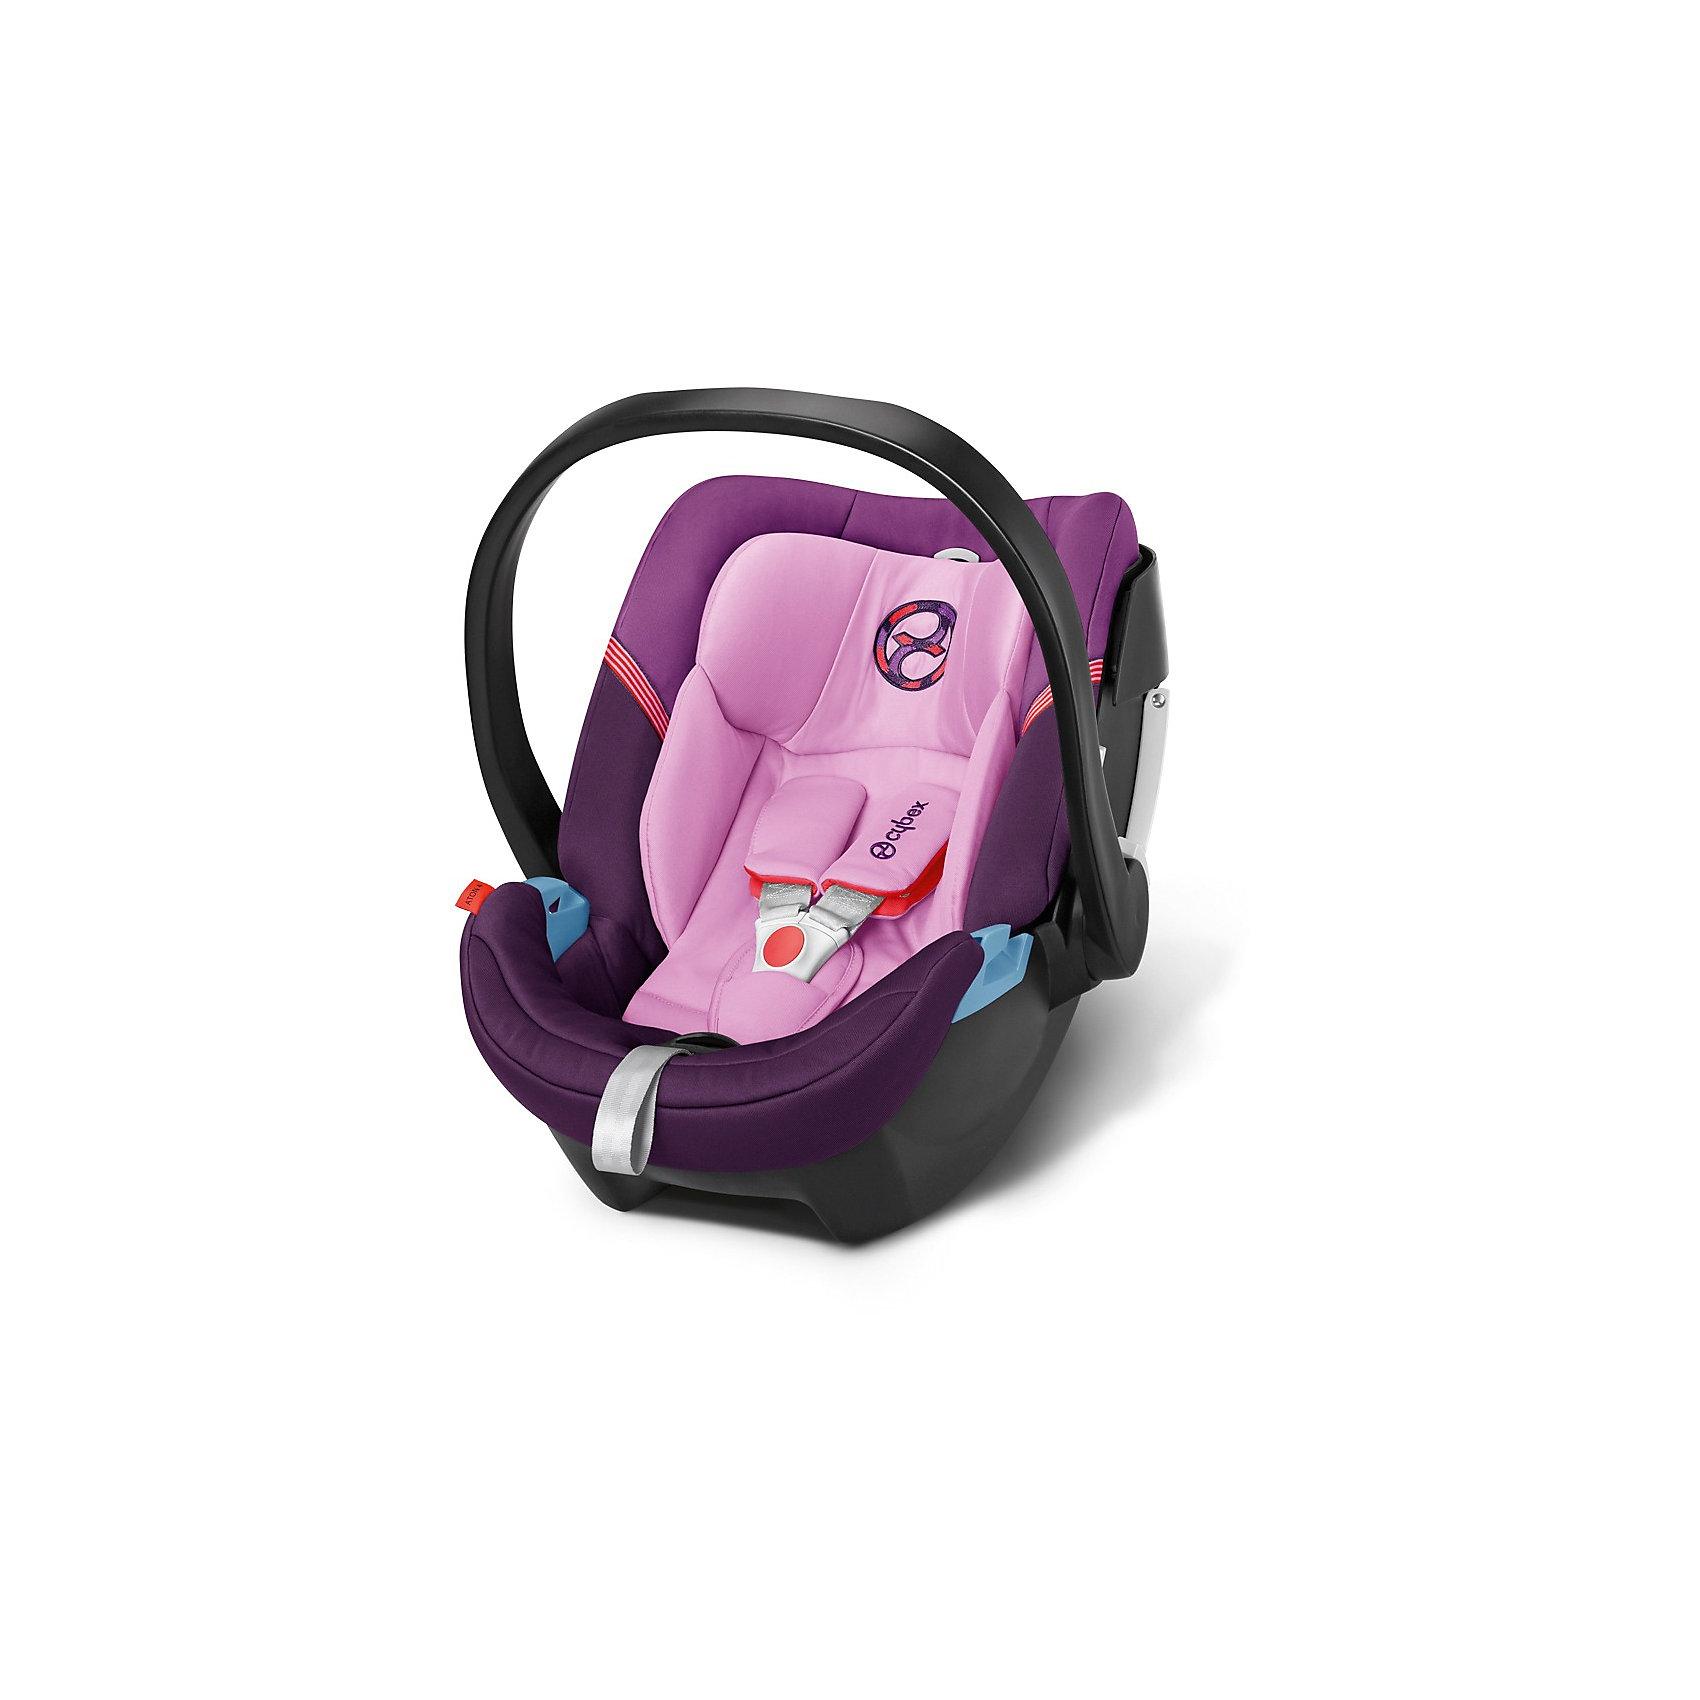 Автокресло Aton 4, 0-13 кг., Cybex, Grape JuiceУдобное надежное автокресло позволит перевозить ребенка, не беспокоясь при этом о его безопасности. Оно предназначено для самых маленьких. Такое кресло обеспечит малышу не только безопасность, но и комфорт (идеальный угол наклона, регулируемый по высоте подголовник, автоматическая регуляция ремней безопасности).<br>Автокресло устанавливают против движения. Такое кресло дает возможность свободно путешествовать, ездить в гости и при этом  быть рядом с малышом. Конструкция - очень удобная и прочная. Изделие произведено из качественных и безопасных для малышей материалов, оно соответствуют всем современным требованиям безопасности. Оно отлично показало себя на краш-тестах.<br> <br>Дополнительная информация:<br><br>цвет: фиолетовый;<br>материал: текстиль, пластик;<br>возраст: 0 - 12 месяцев;<br>вес  ребенка: не более 13 кг;<br>регулируемый по высоте подголовник с интегрированными направляющими;<br>огромный козырек от солнца размера XXL;<br>идеальный угол наклона;<br>можно использовать со штатными ремнями или с дополнительной базой;<br>8-позиционный регулируемый по высоте подголовник со встроенным направляющими для ремней;<br>с помощью адаптера может крепиться к коляскам;<br>установка против движения;<br>телескопическая система линейной защиты от боковых ударов (L.S.P. System);<br>соответствие Европейскому стандарту безопасности ЕСЕ R44/04.<br><br>Автокресло Aton 4, 0-13 кг., Grape Juice, от компании Cybex можно купить в нашем магазине.<br><br>Ширина мм: 695<br>Глубина мм: 445<br>Высота мм: 345<br>Вес г: 6150<br>Цвет: лиловый<br>Возраст от месяцев: 0<br>Возраст до месяцев: 12<br>Пол: Унисекс<br>Возраст: Детский<br>SKU: 3789528